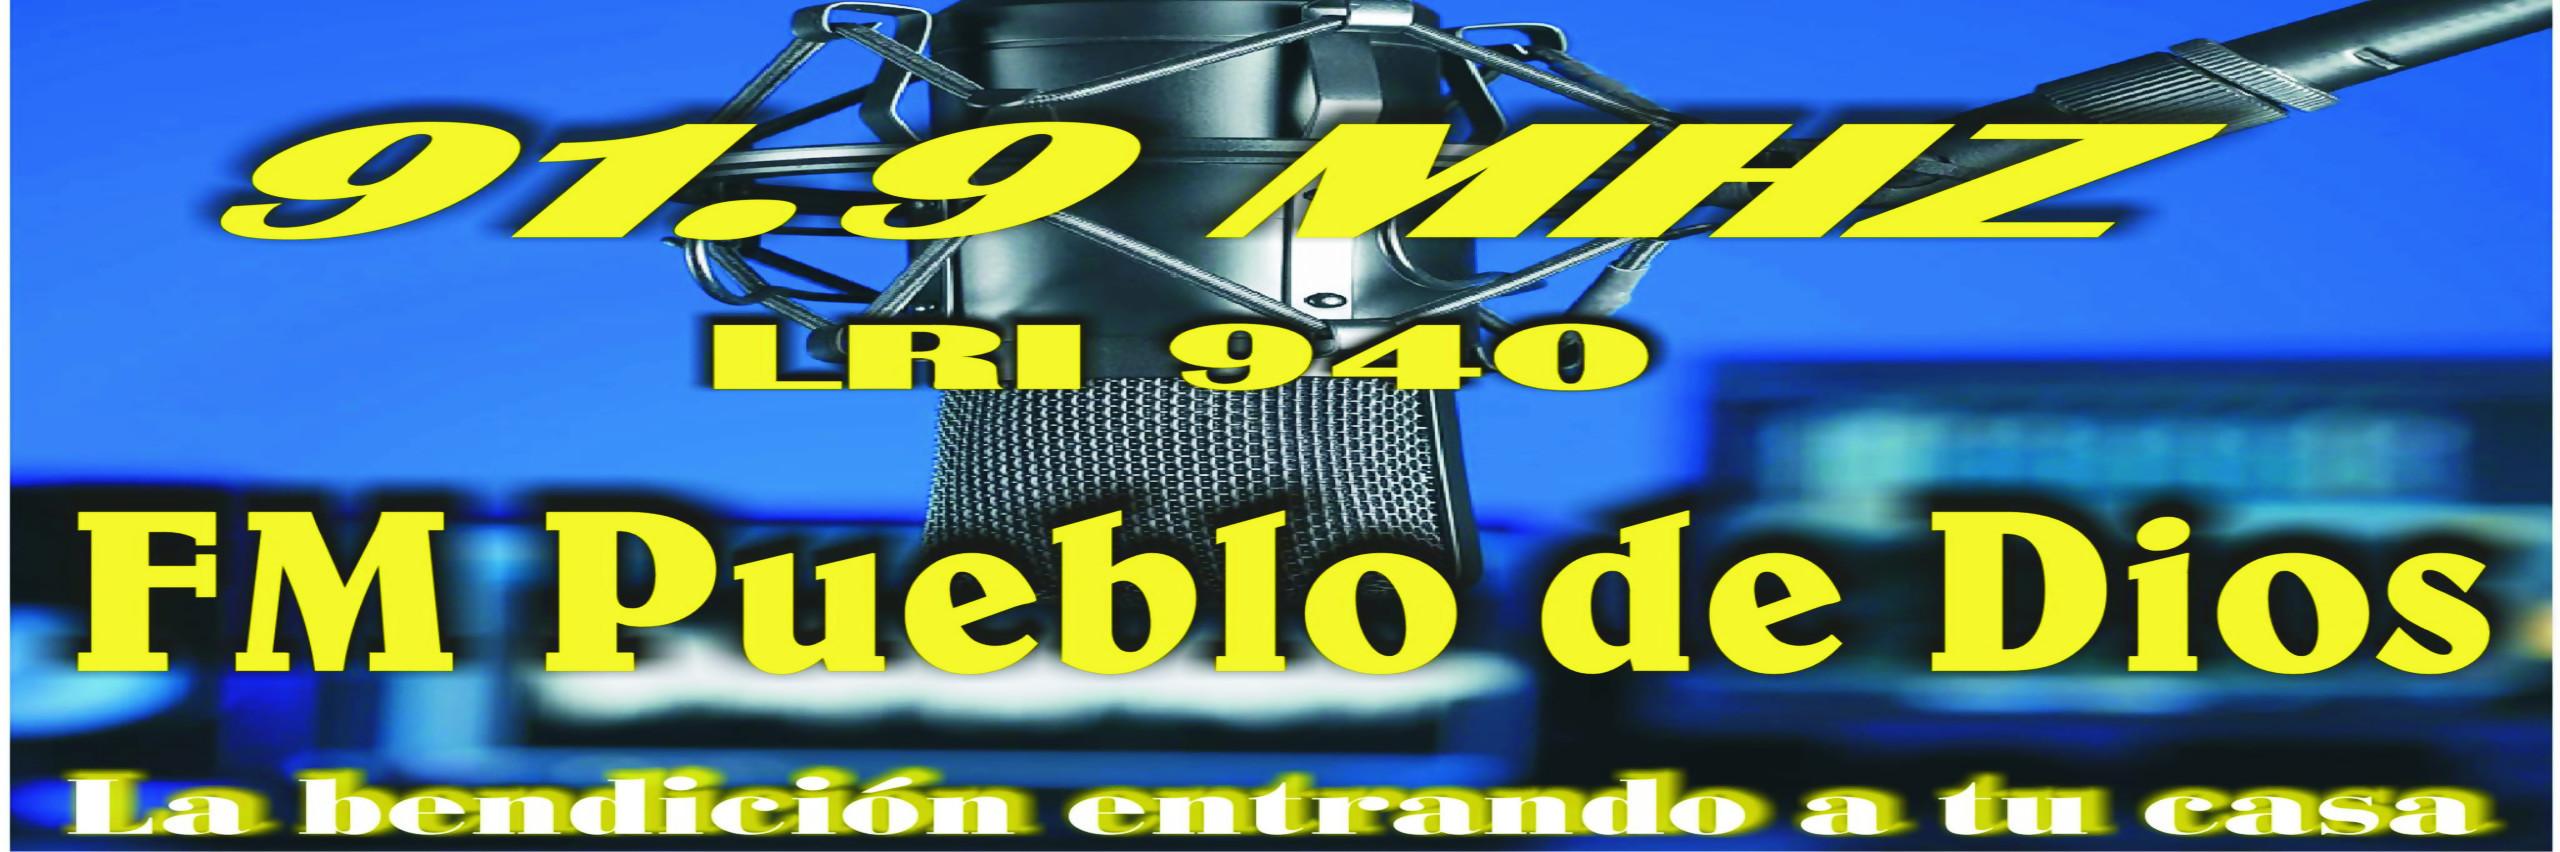 pueblodeDios tv